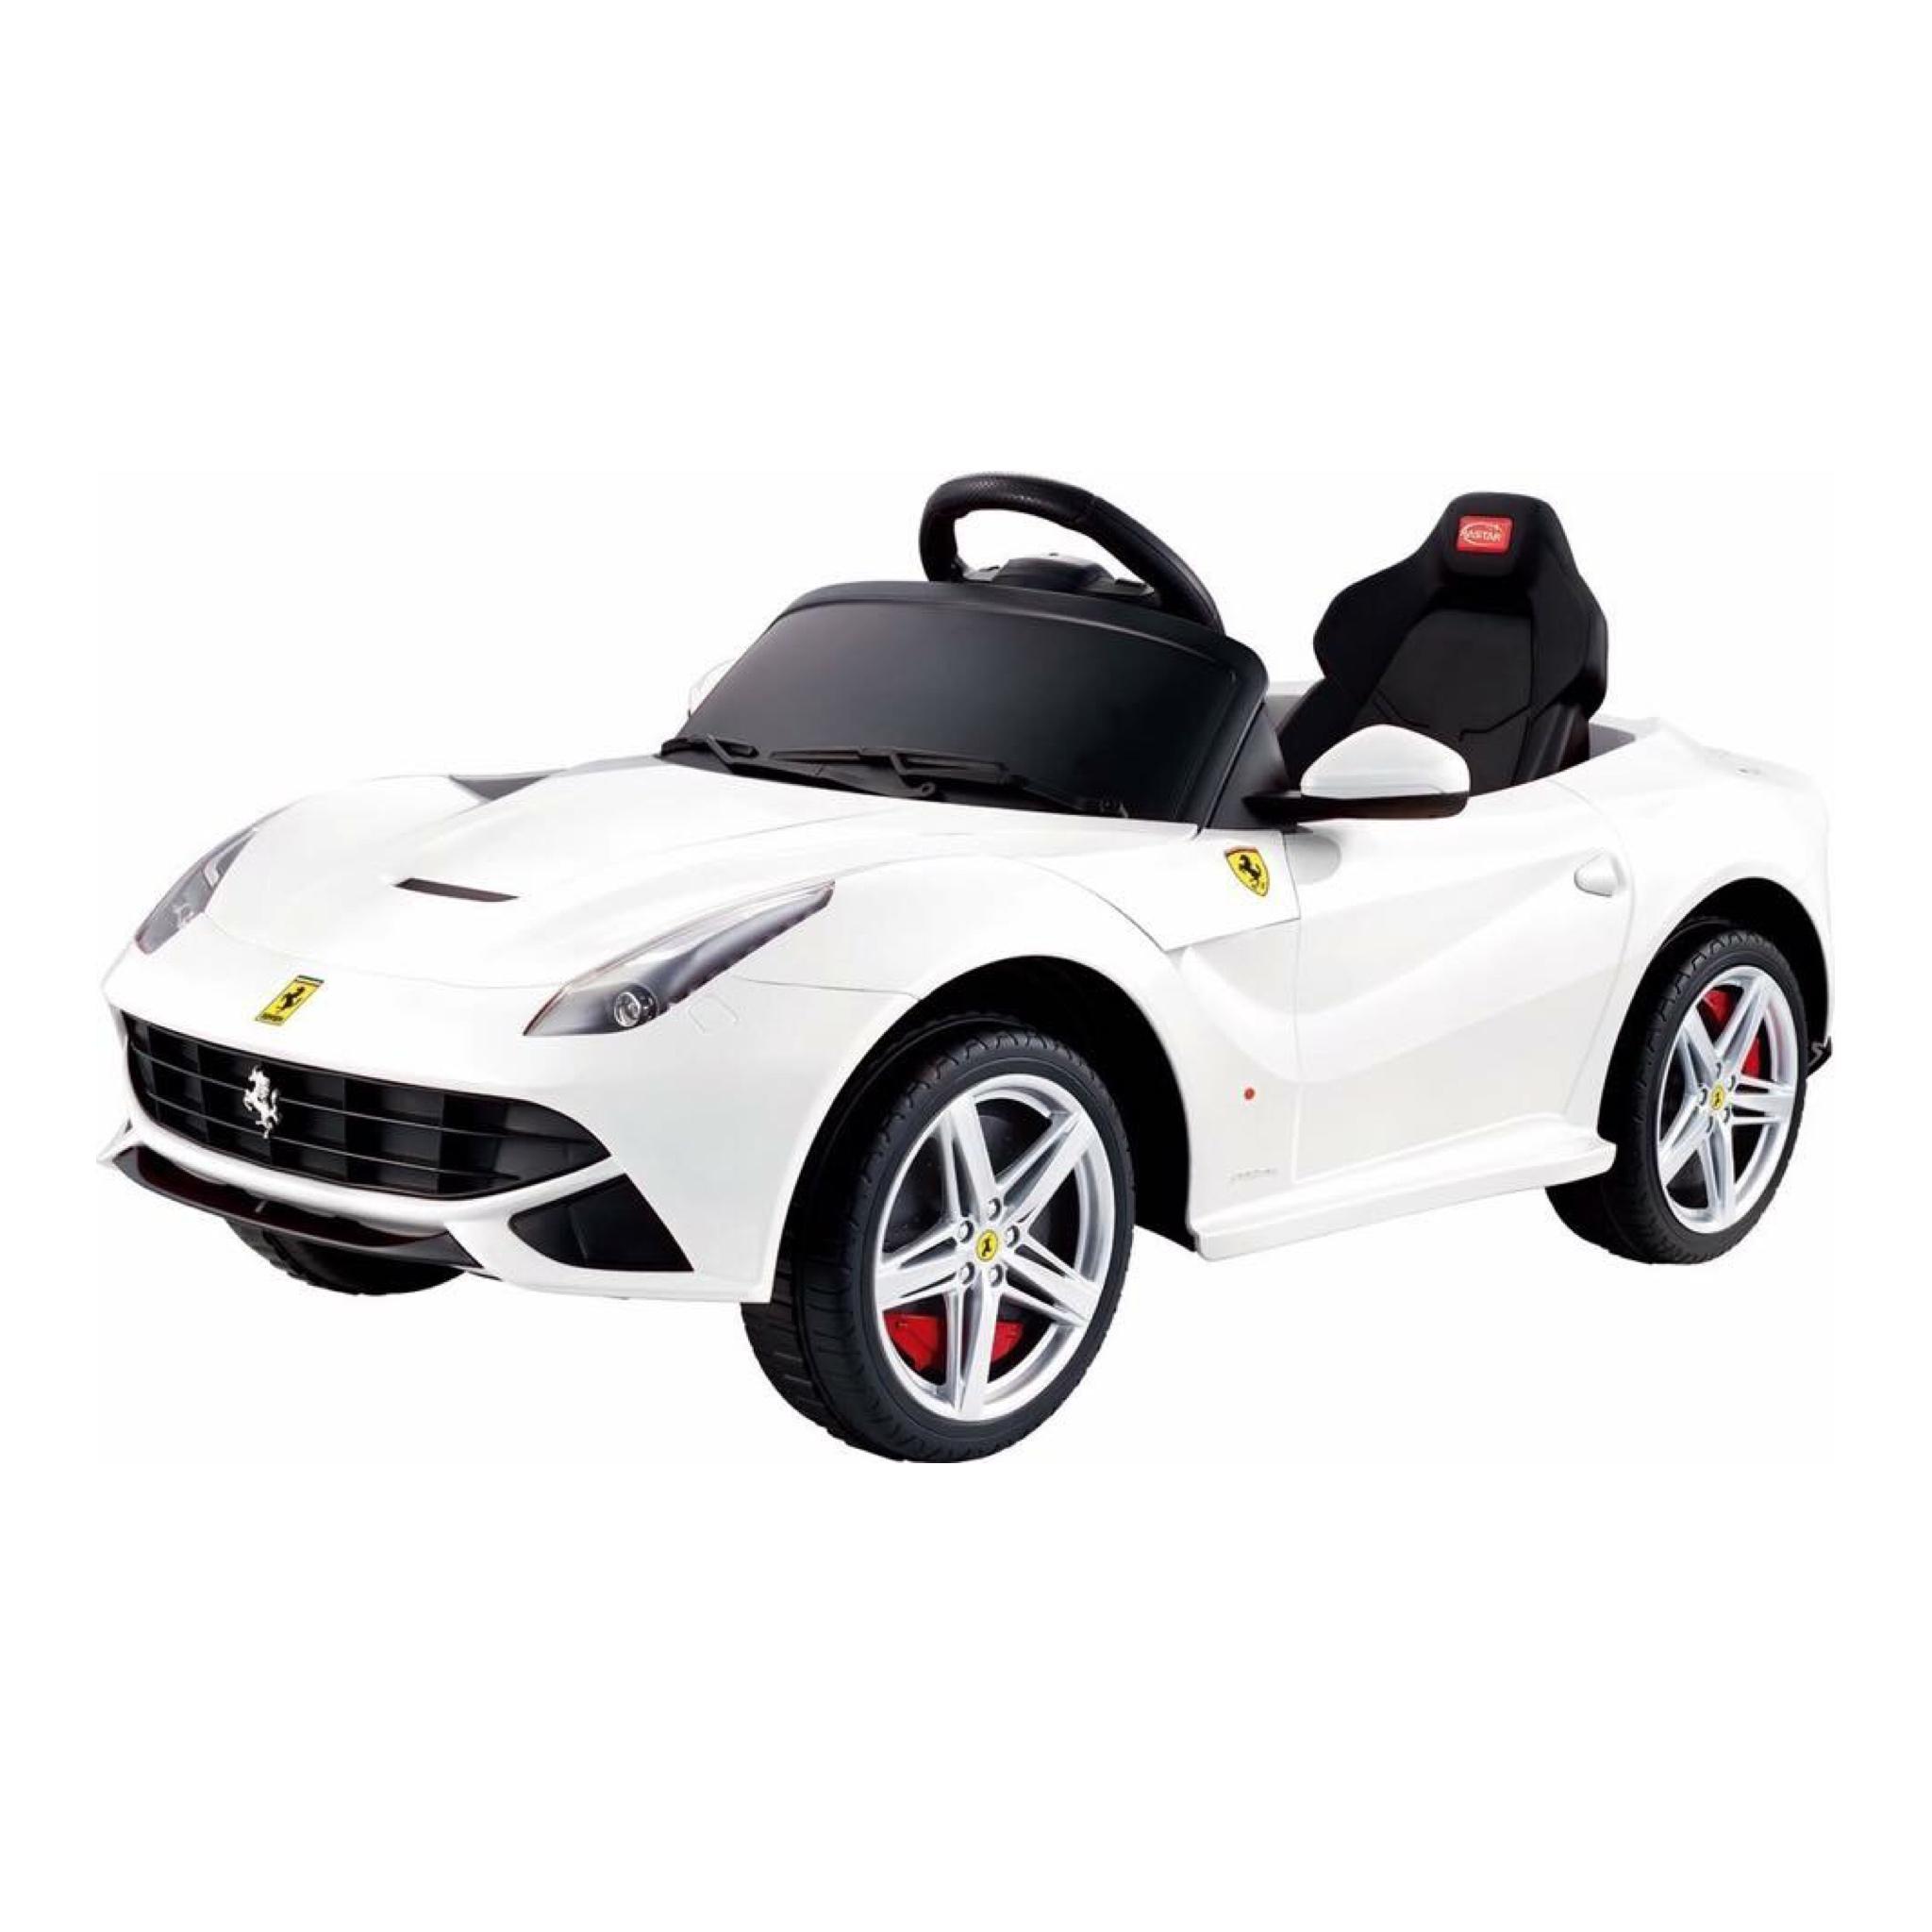 รถแบตเตอรี่พร้อมรีโมทบังคับวิทยุ Ferrari F12 Berlinetta Remote-Controlled 12V Battery-Powered Ride-On (Red)